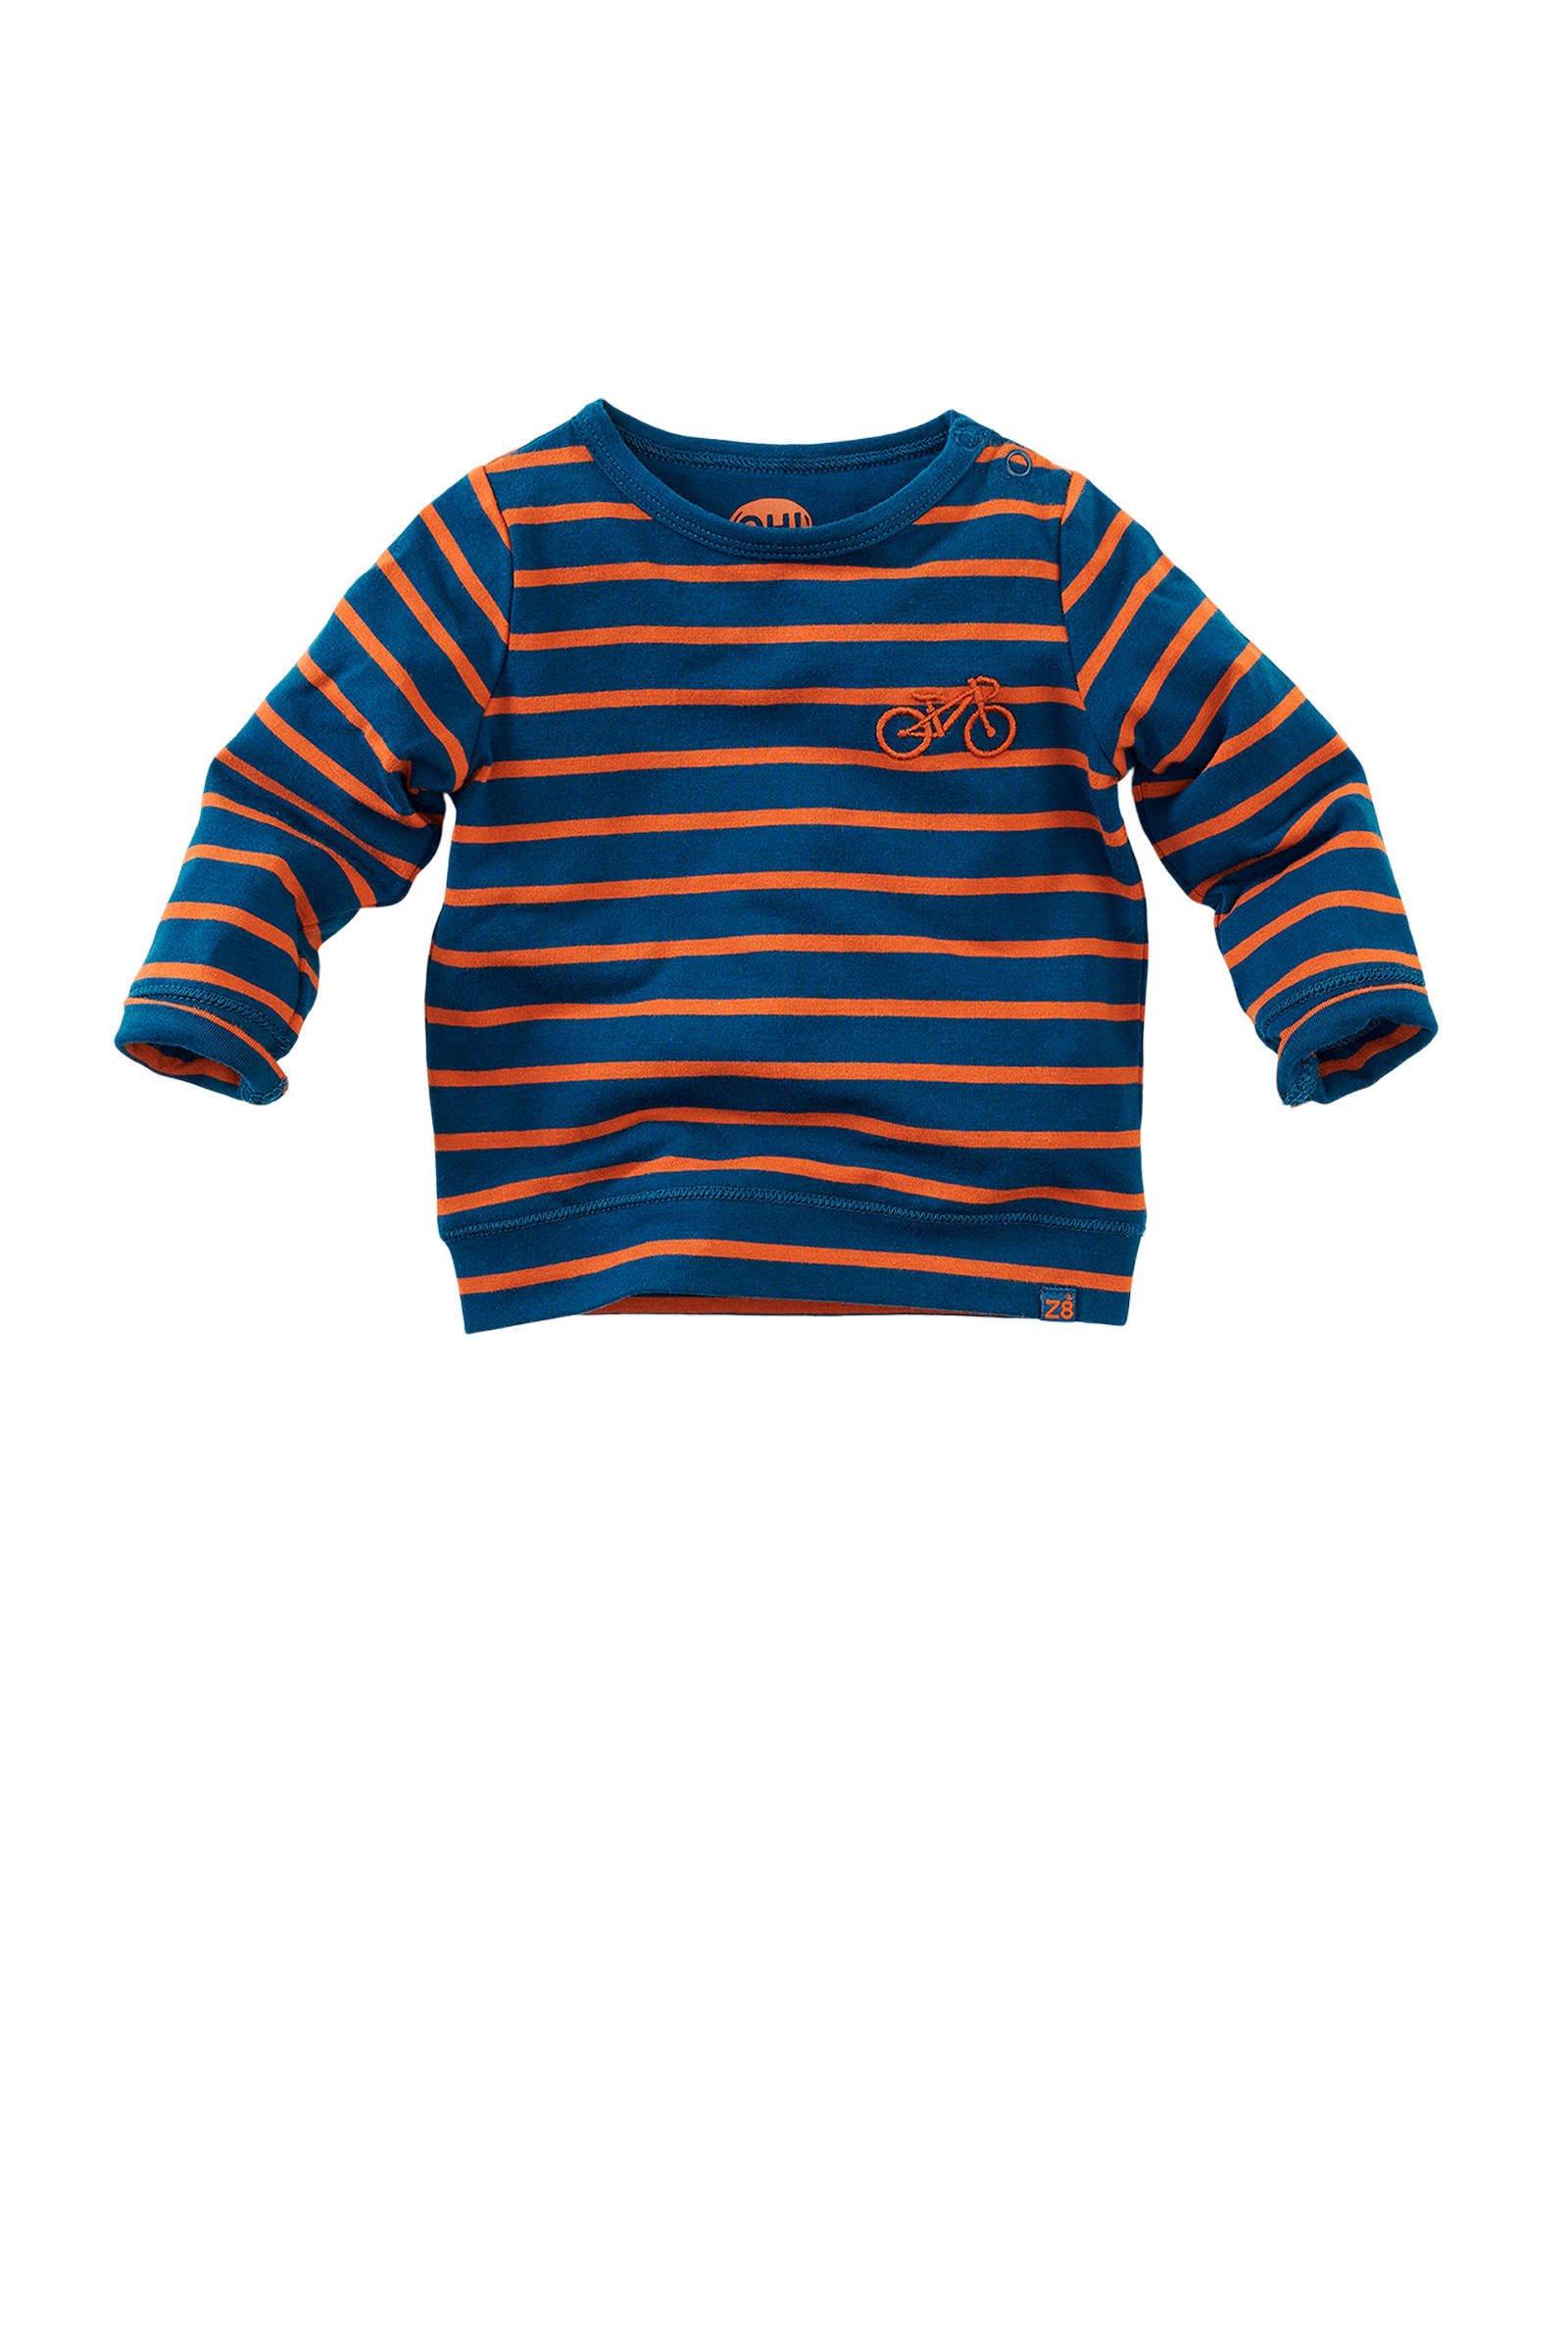 Z8 gestreept T shirt geeldonkerblauw   wehkamp